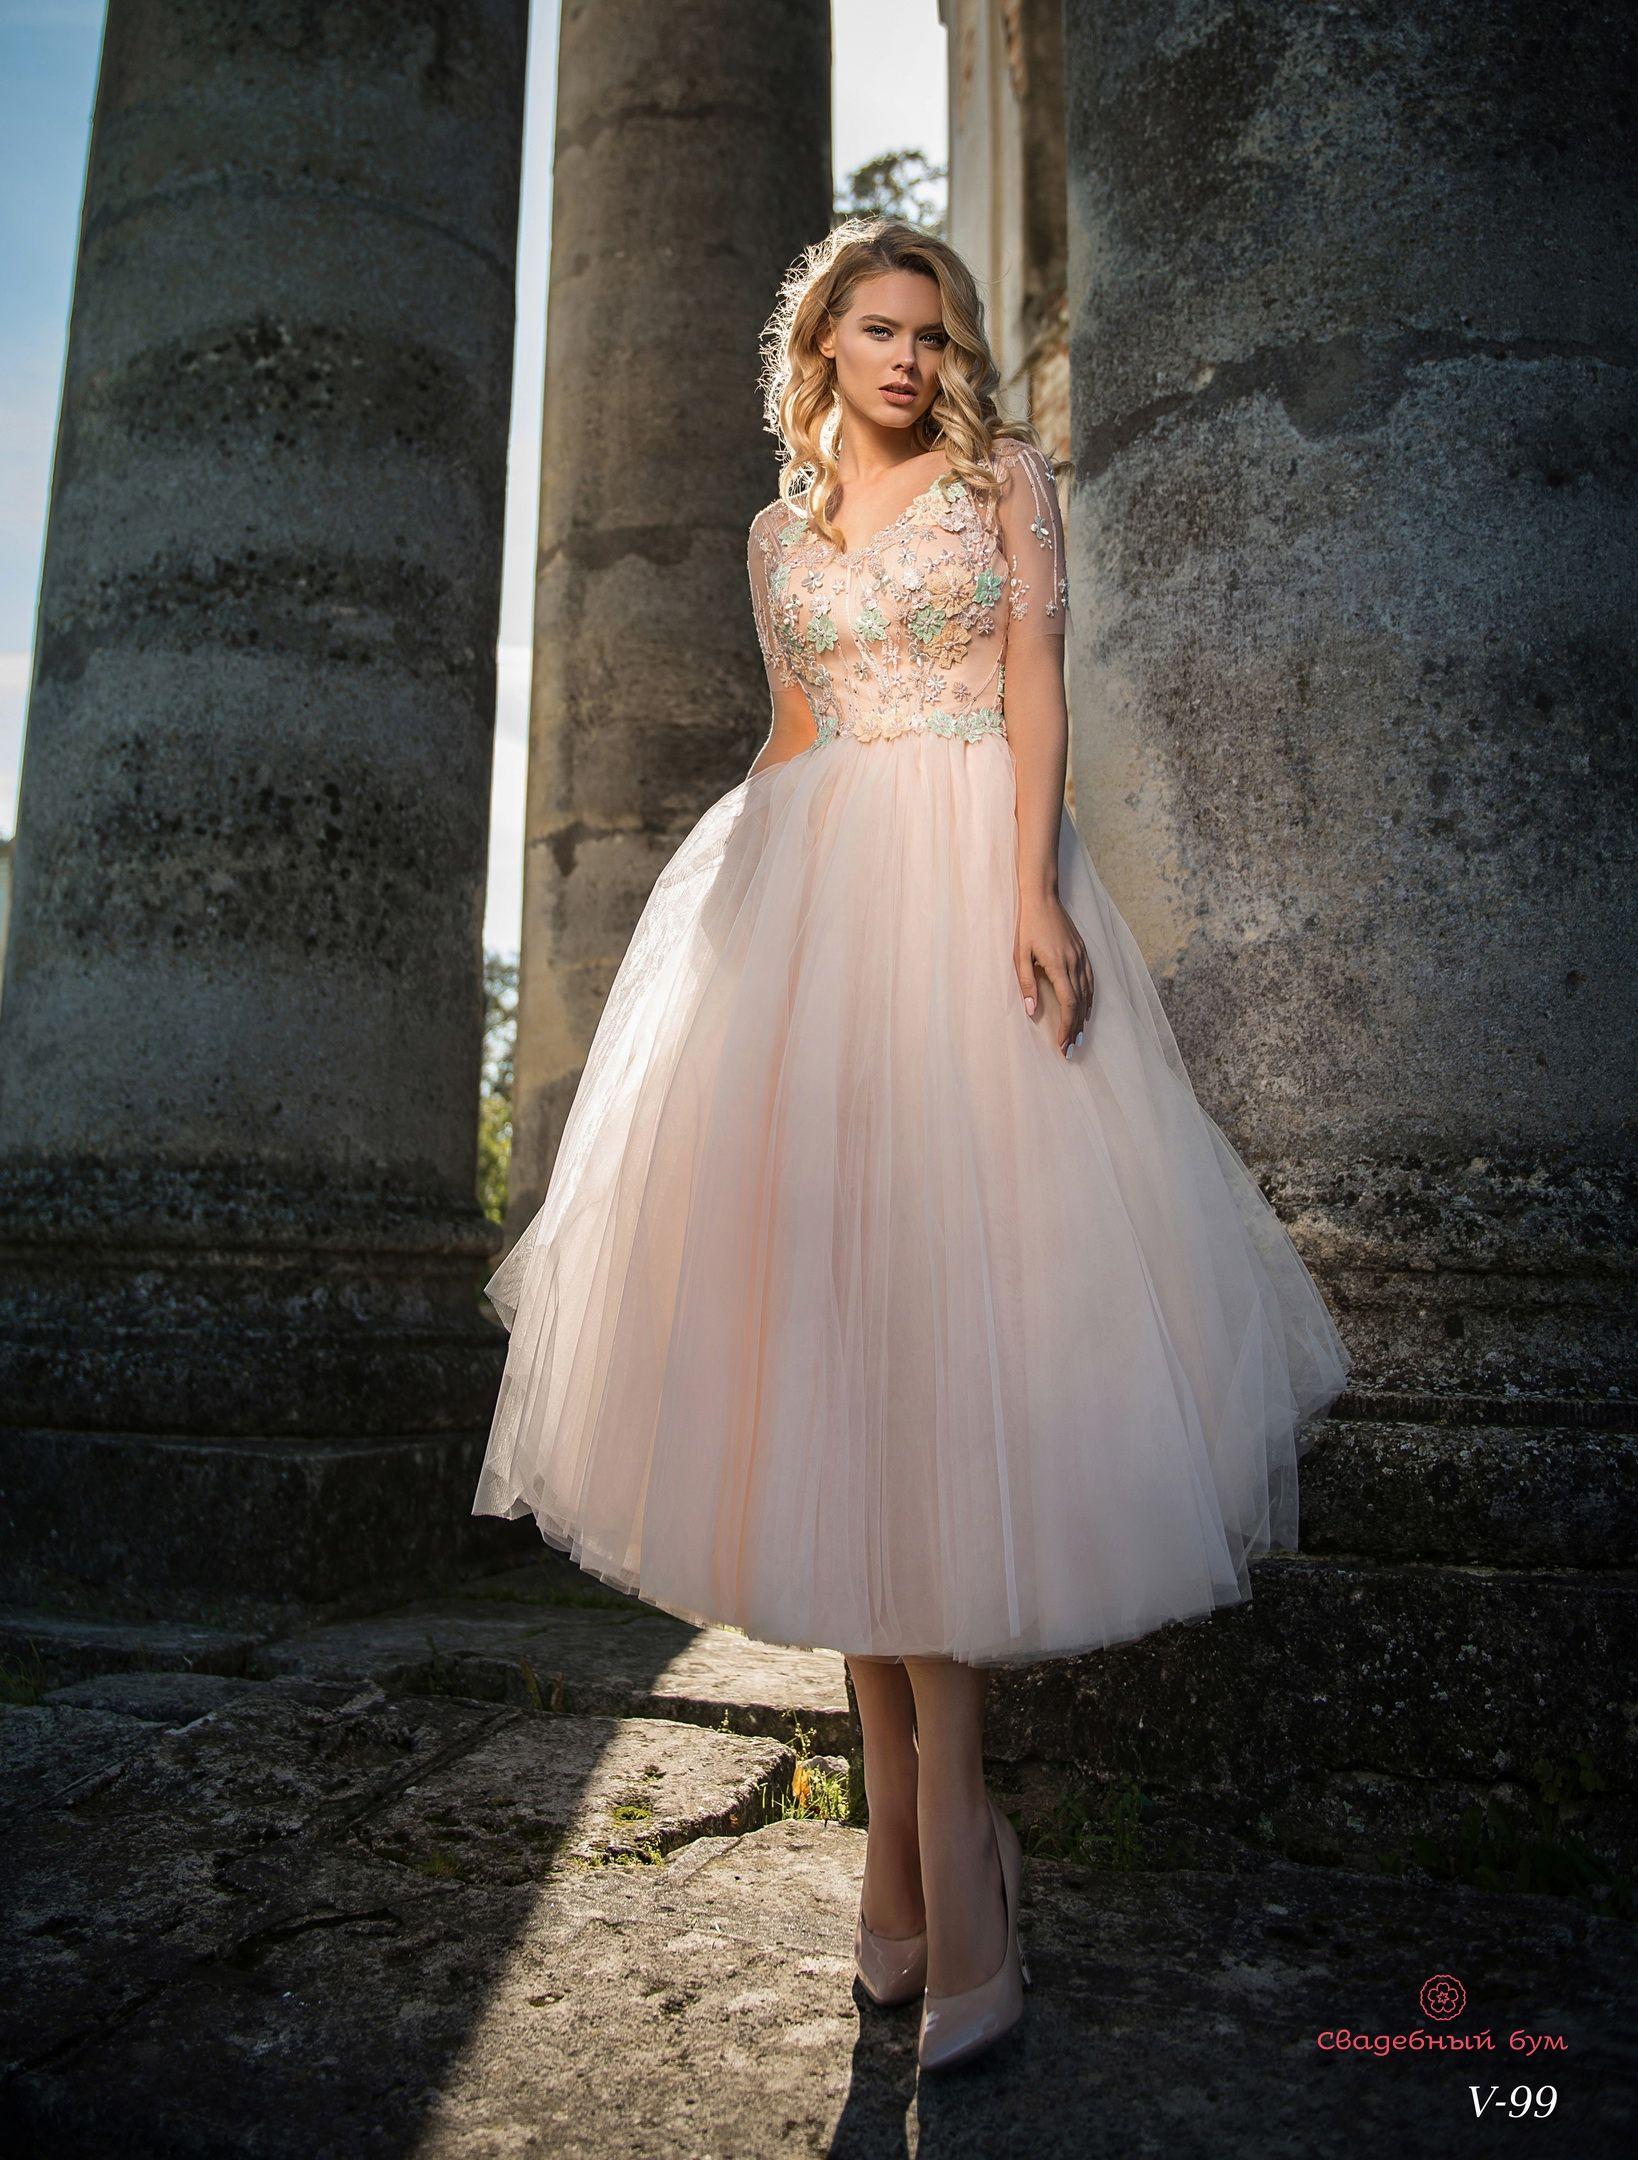 39b3c76ddc2 Вечернее платье Ema Bride V-99 - Интернет-магазин платьев «Свадебный бум  Украина